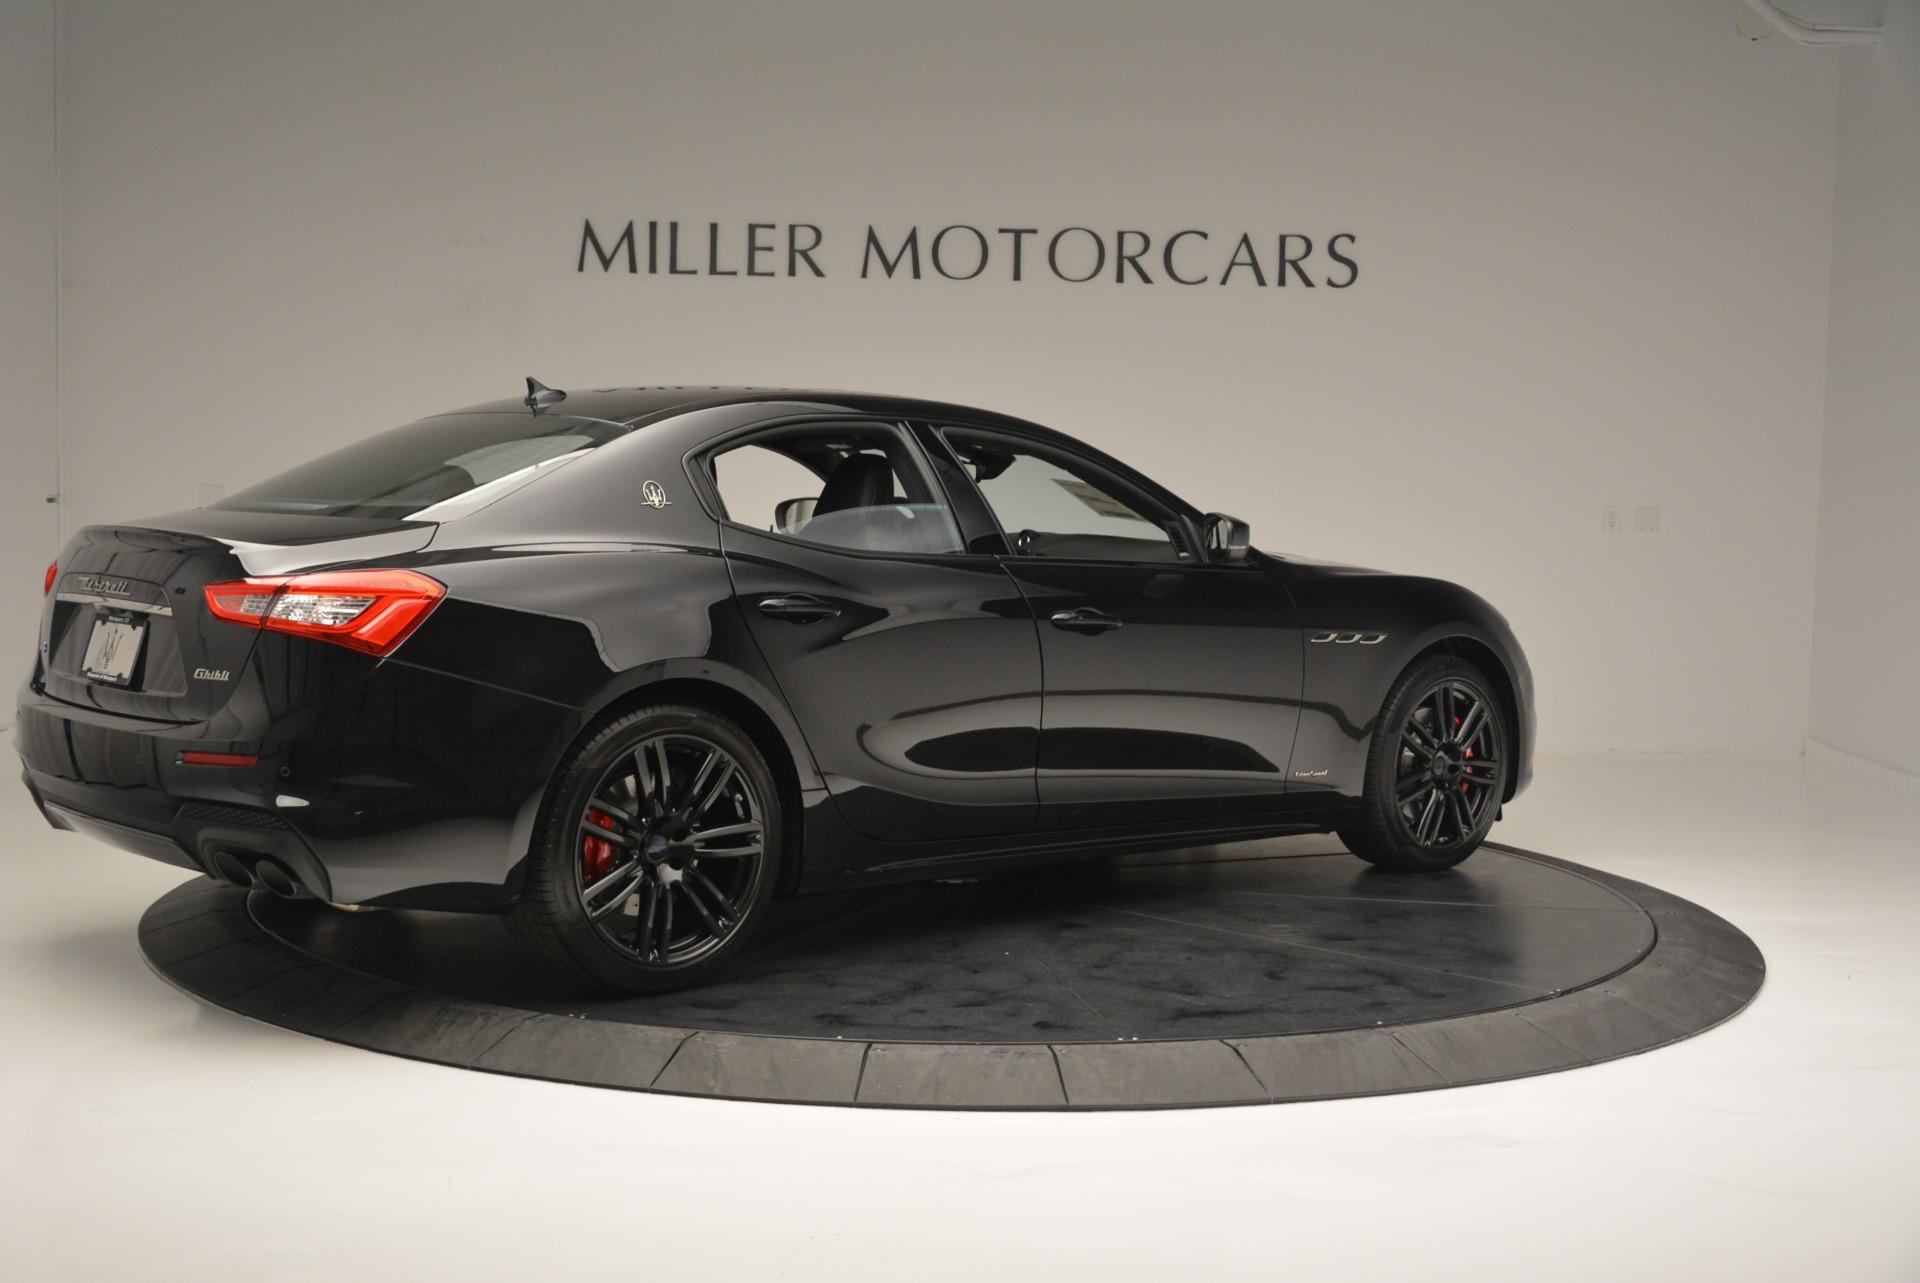 New 2018 Maserati Ghibli SQ4 GranSport Nerissimo For Sale In Greenwich, CT 2278_p8